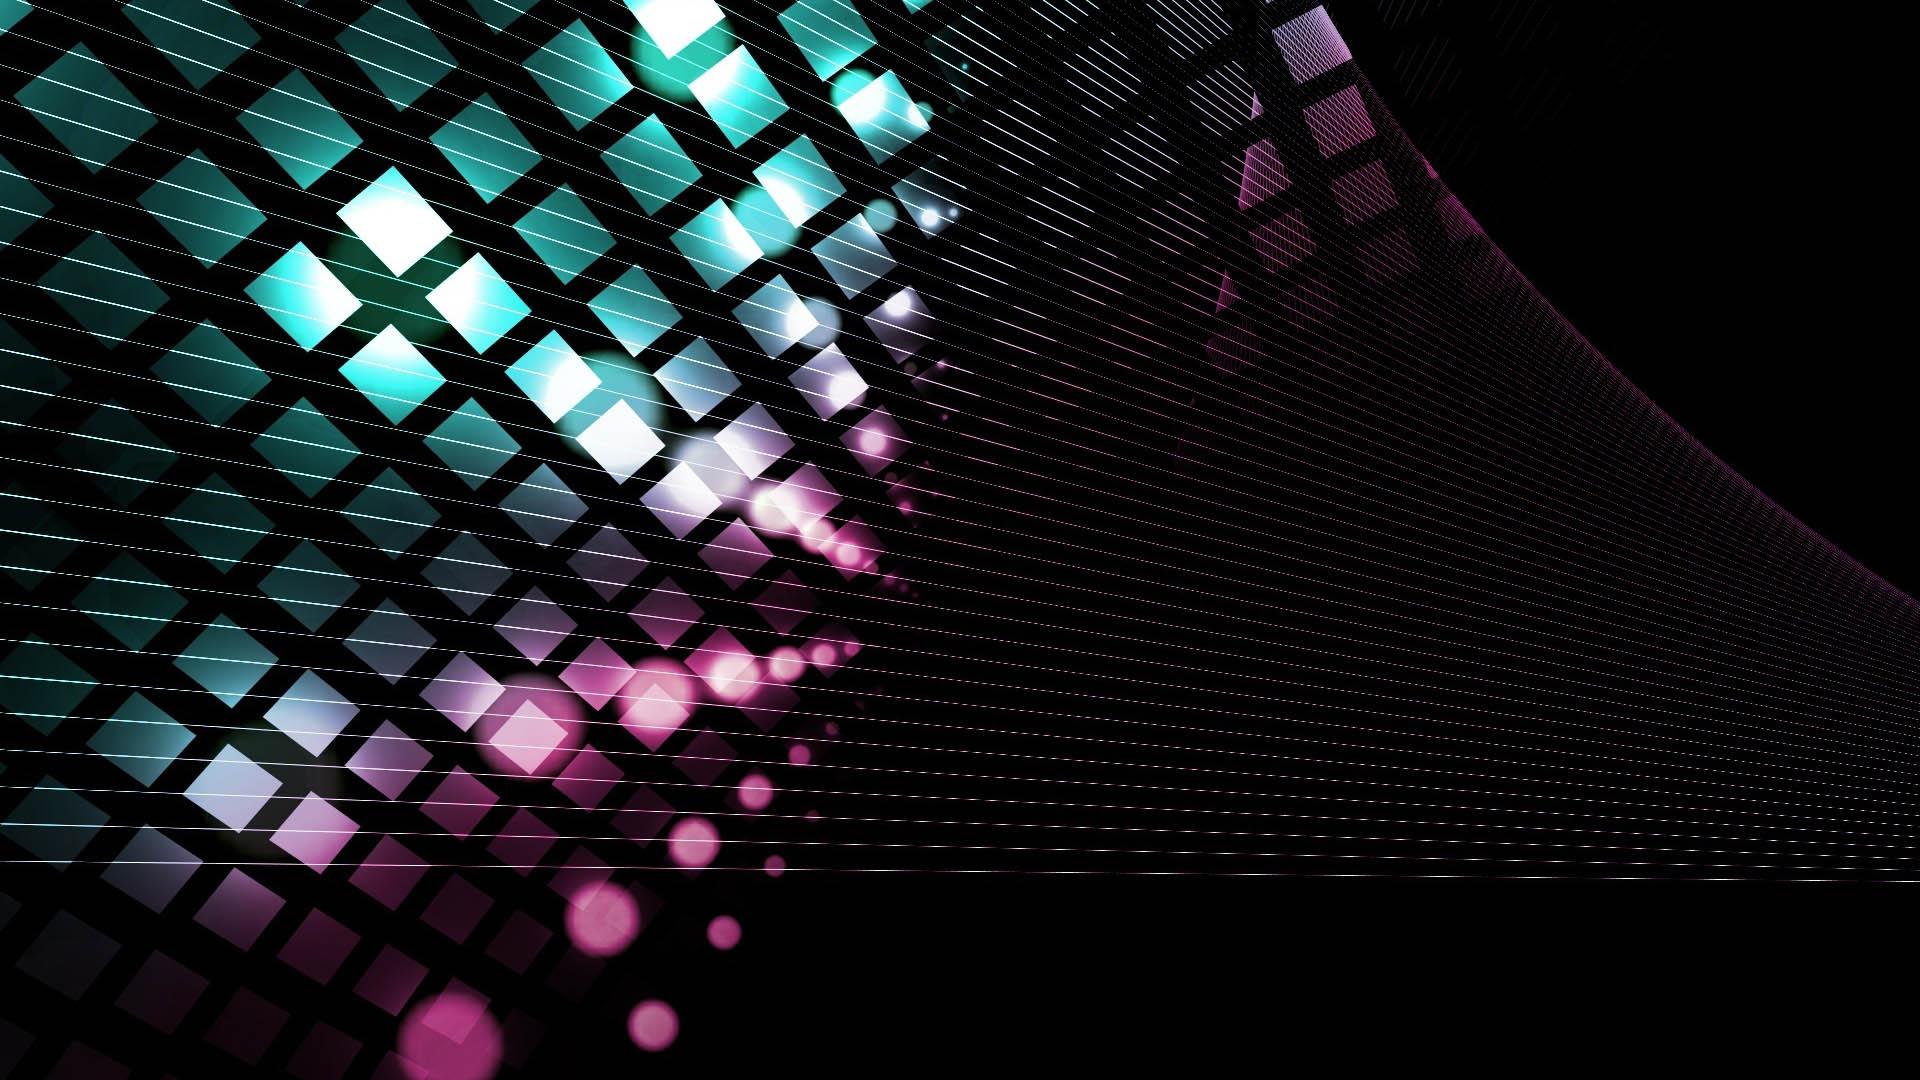 3d Wallpaper For Walls Desktop 1920x1080